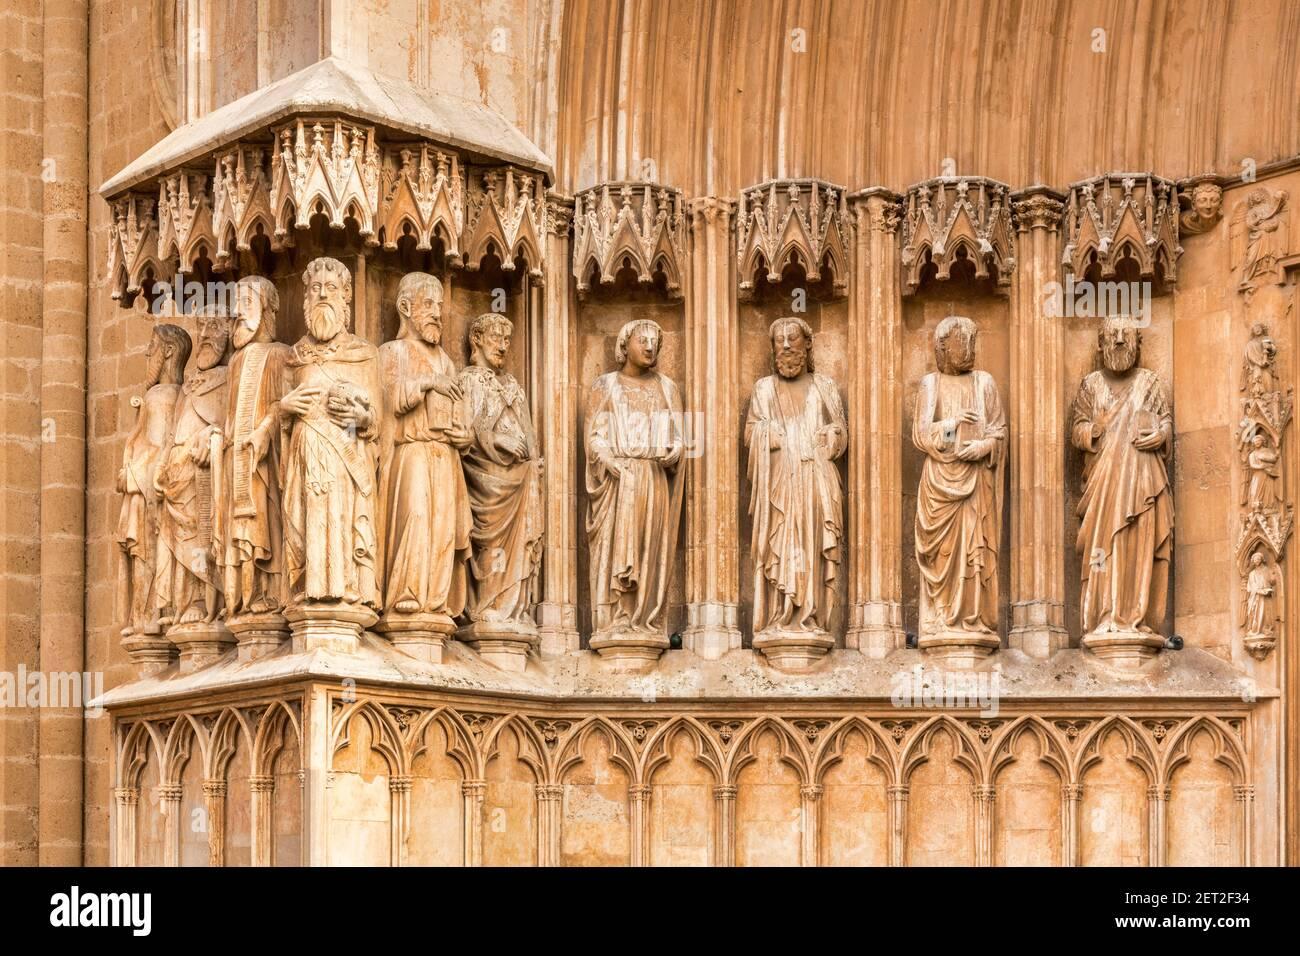 Detail des Frieses an der Südostfassade der Kathedrale von Tarragona aus Pla de la Seu in Tarragona, Spanien. Stockfoto